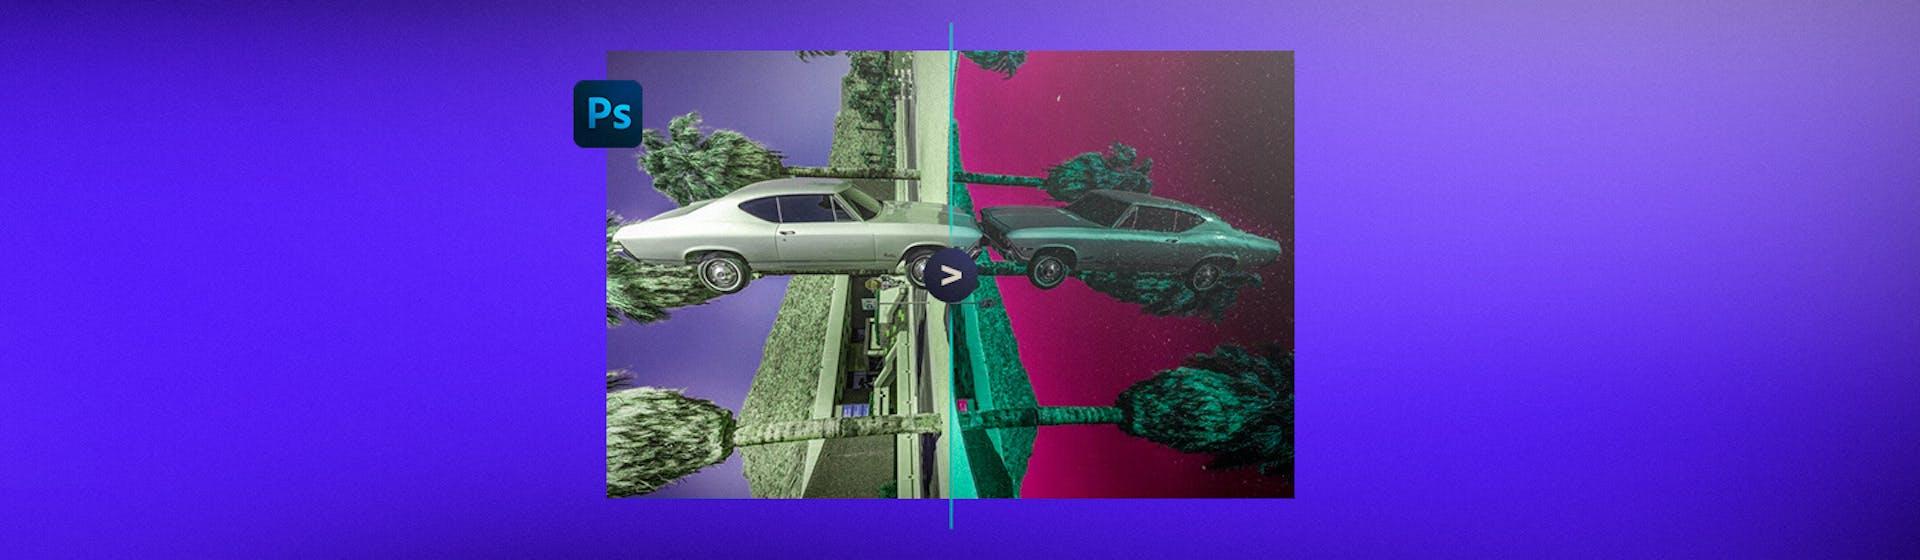 Los filtros de Photoshop que te flecharán con sus usos y efectos de imagen + Recursos gratis